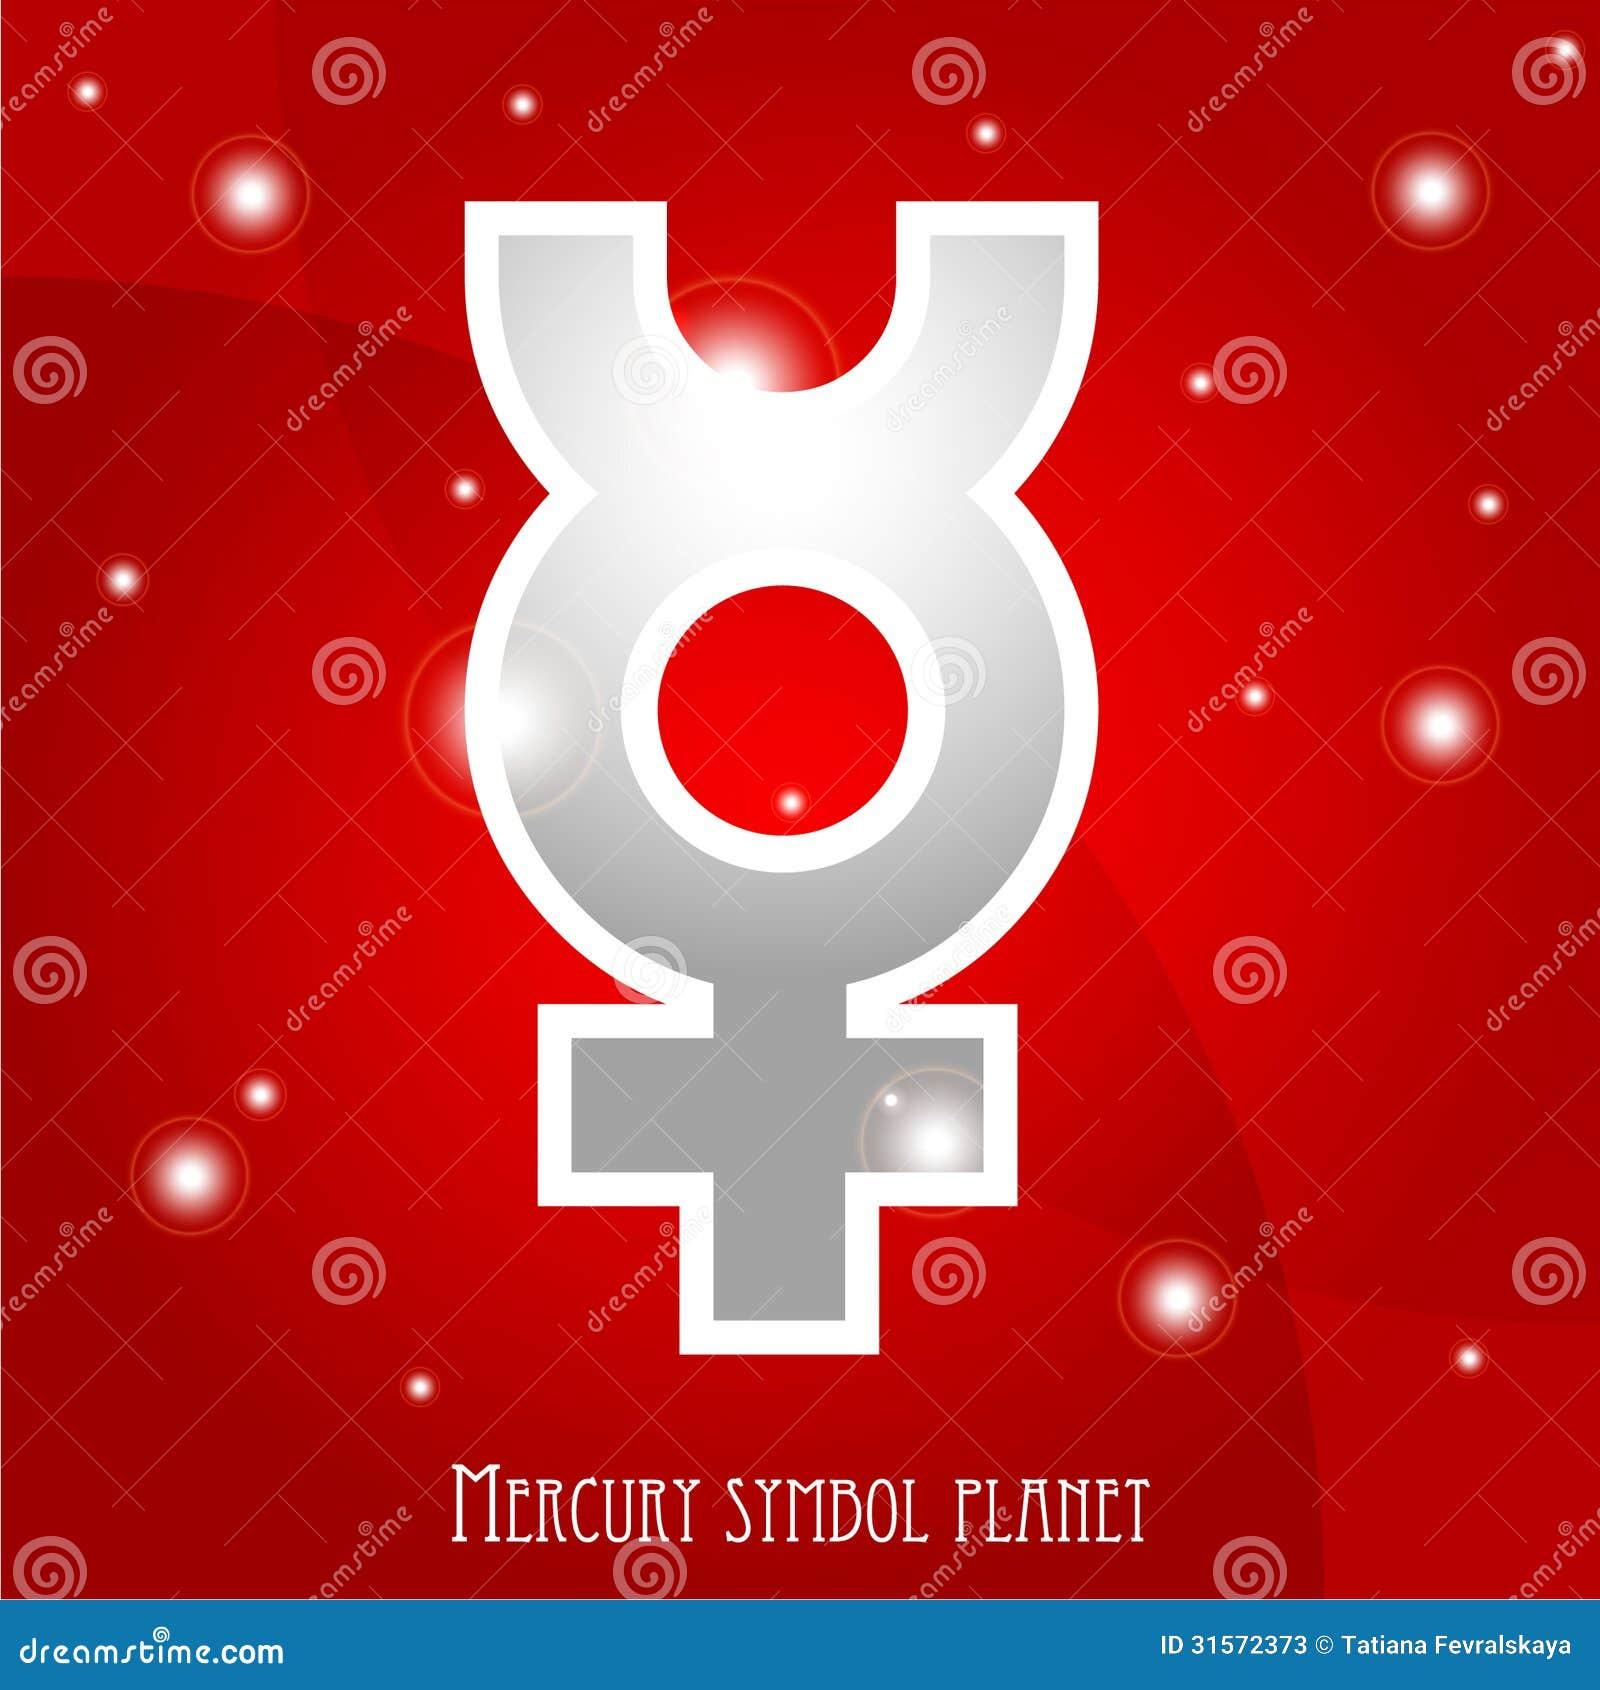 Symbol of mercury planet stock illustration illustration of symbol of mercury planet buycottarizona Choice Image